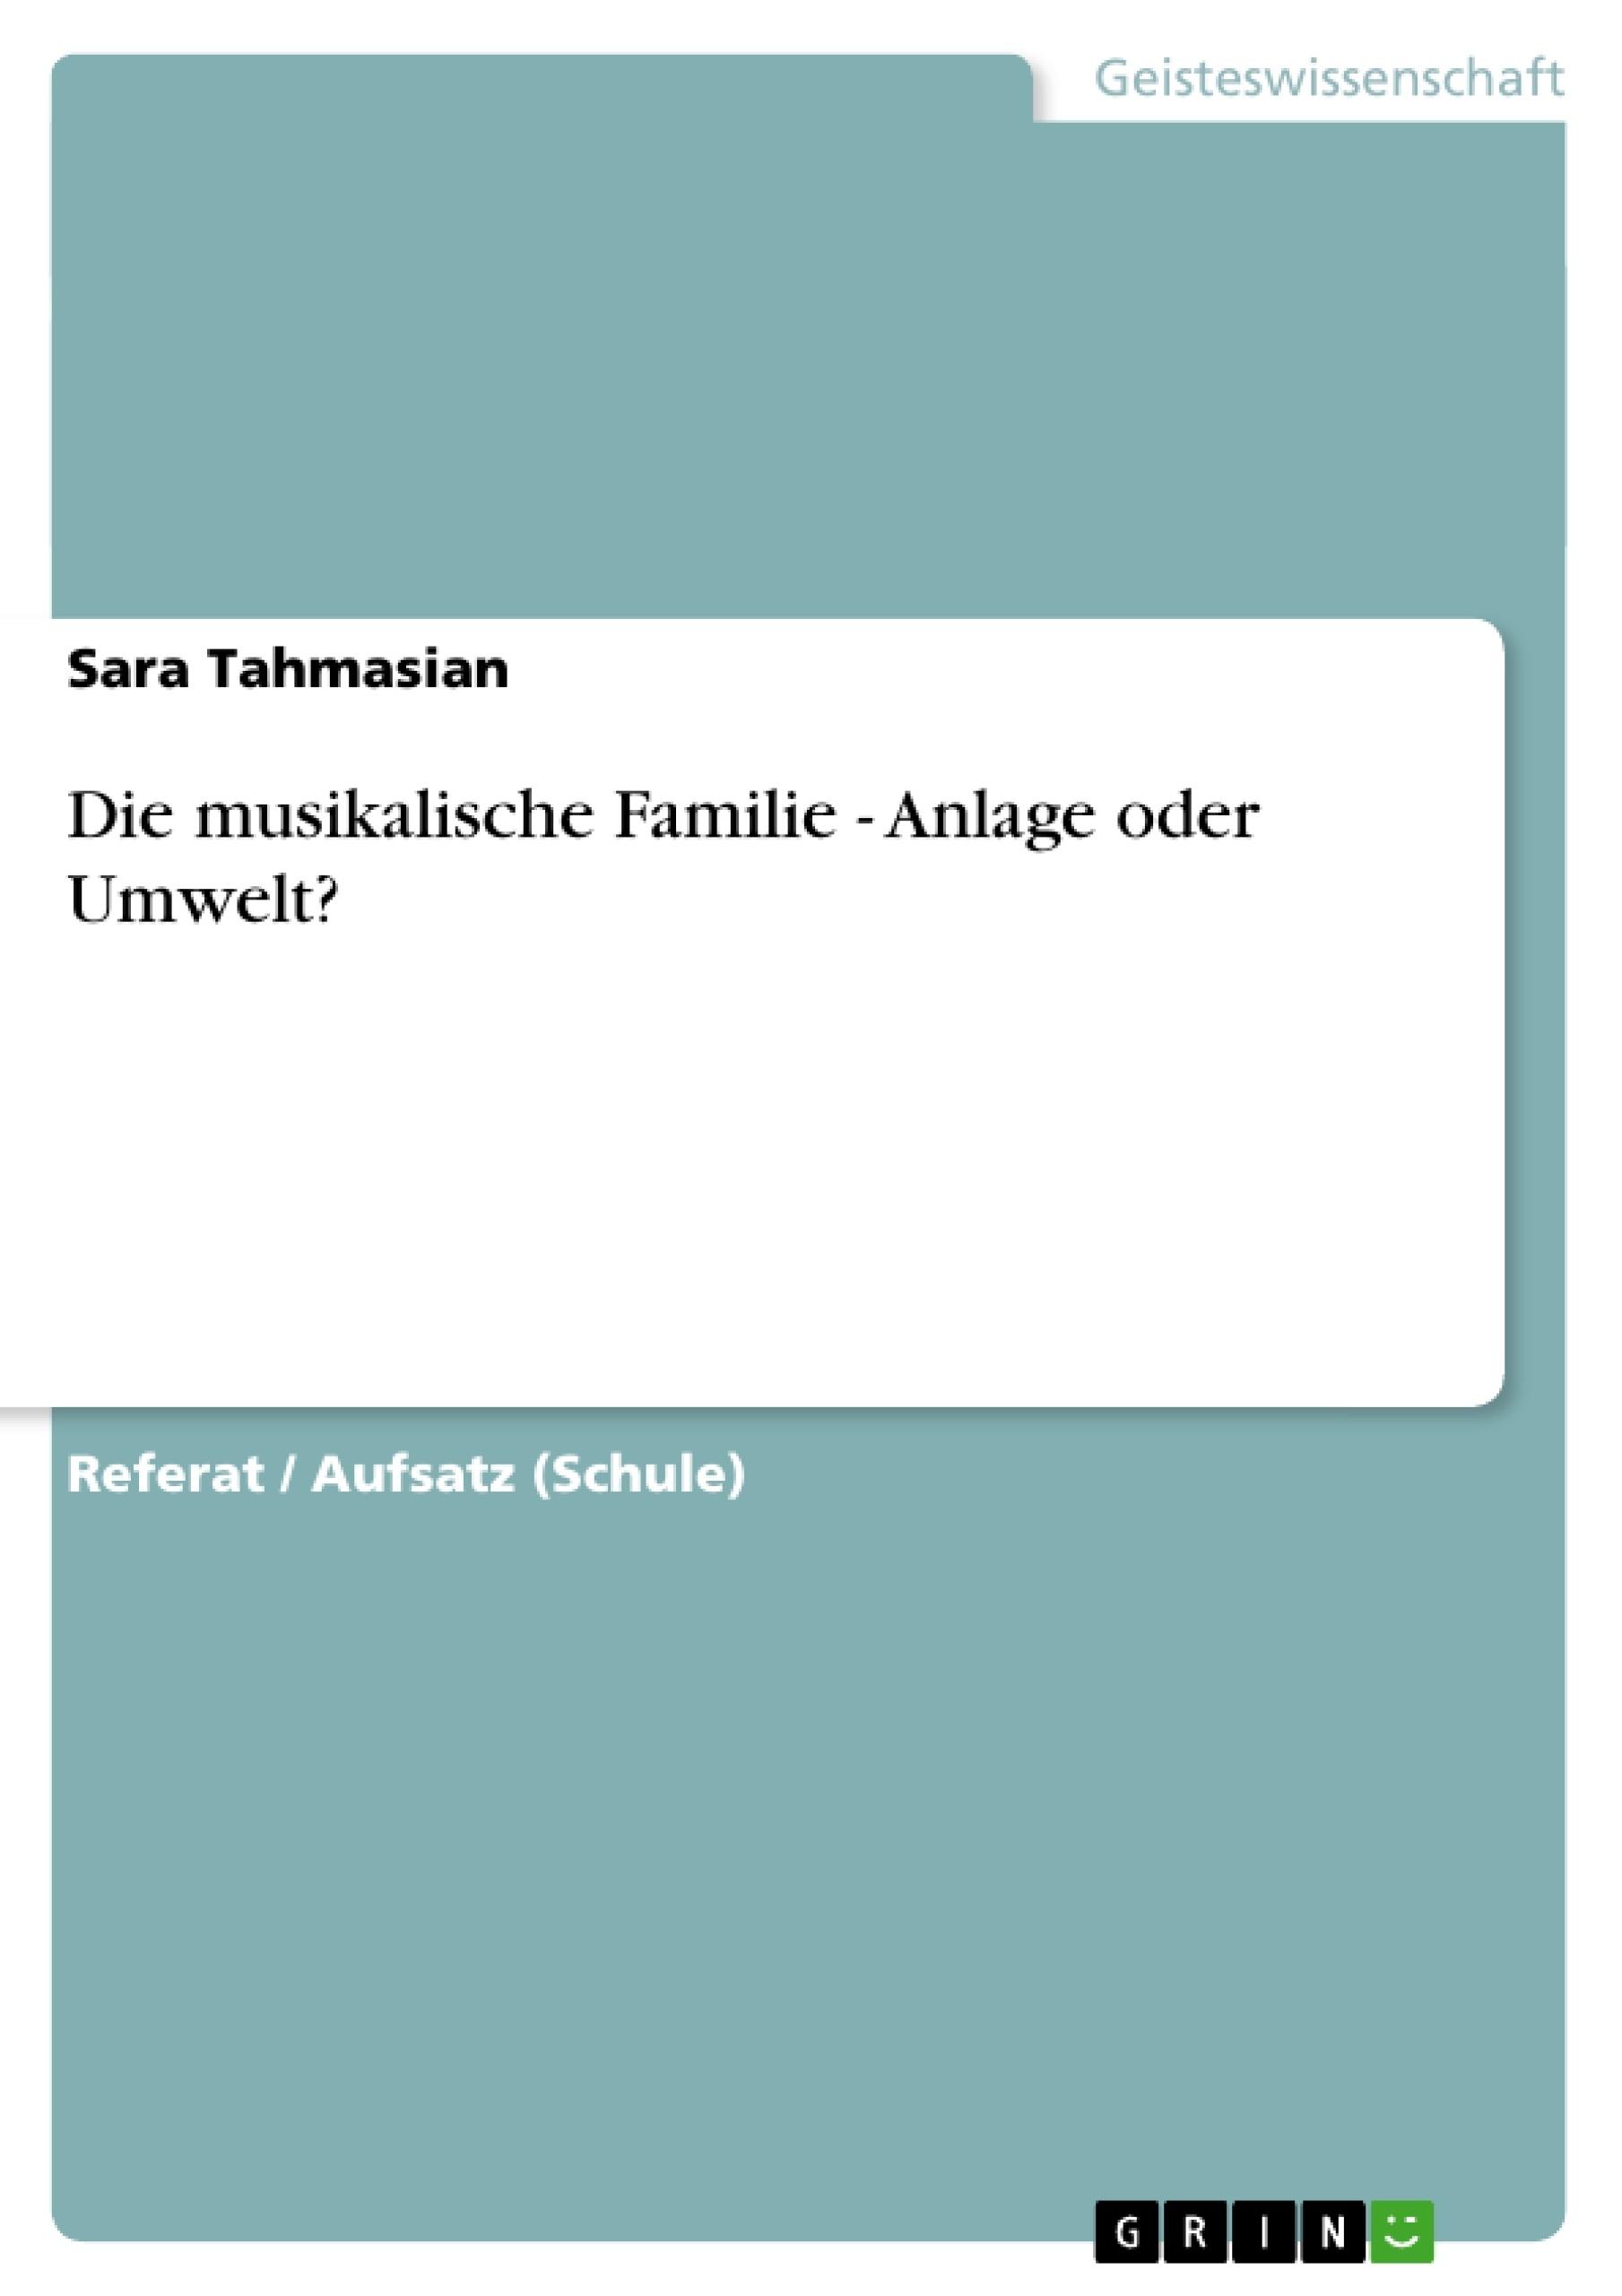 Titel: Die musikalische Familie - Anlage oder Umwelt?